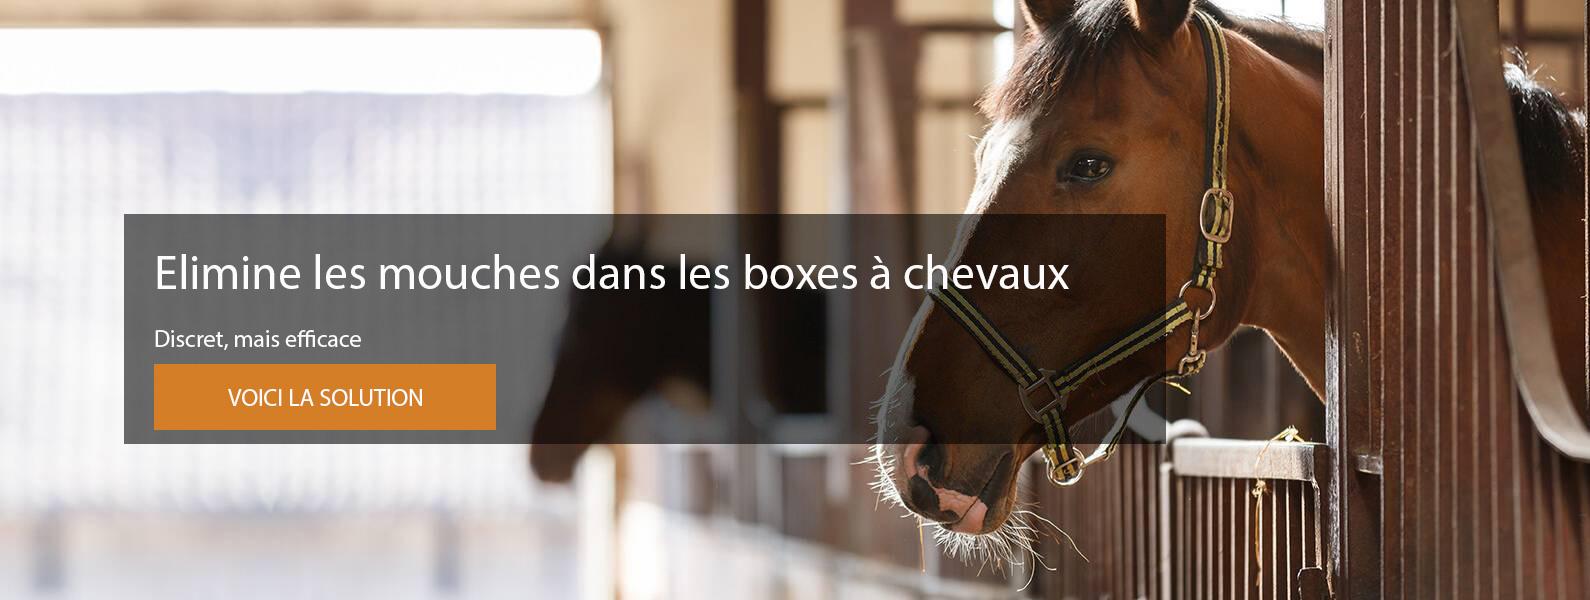 Elimine les mouches dans les boxes à chevaux